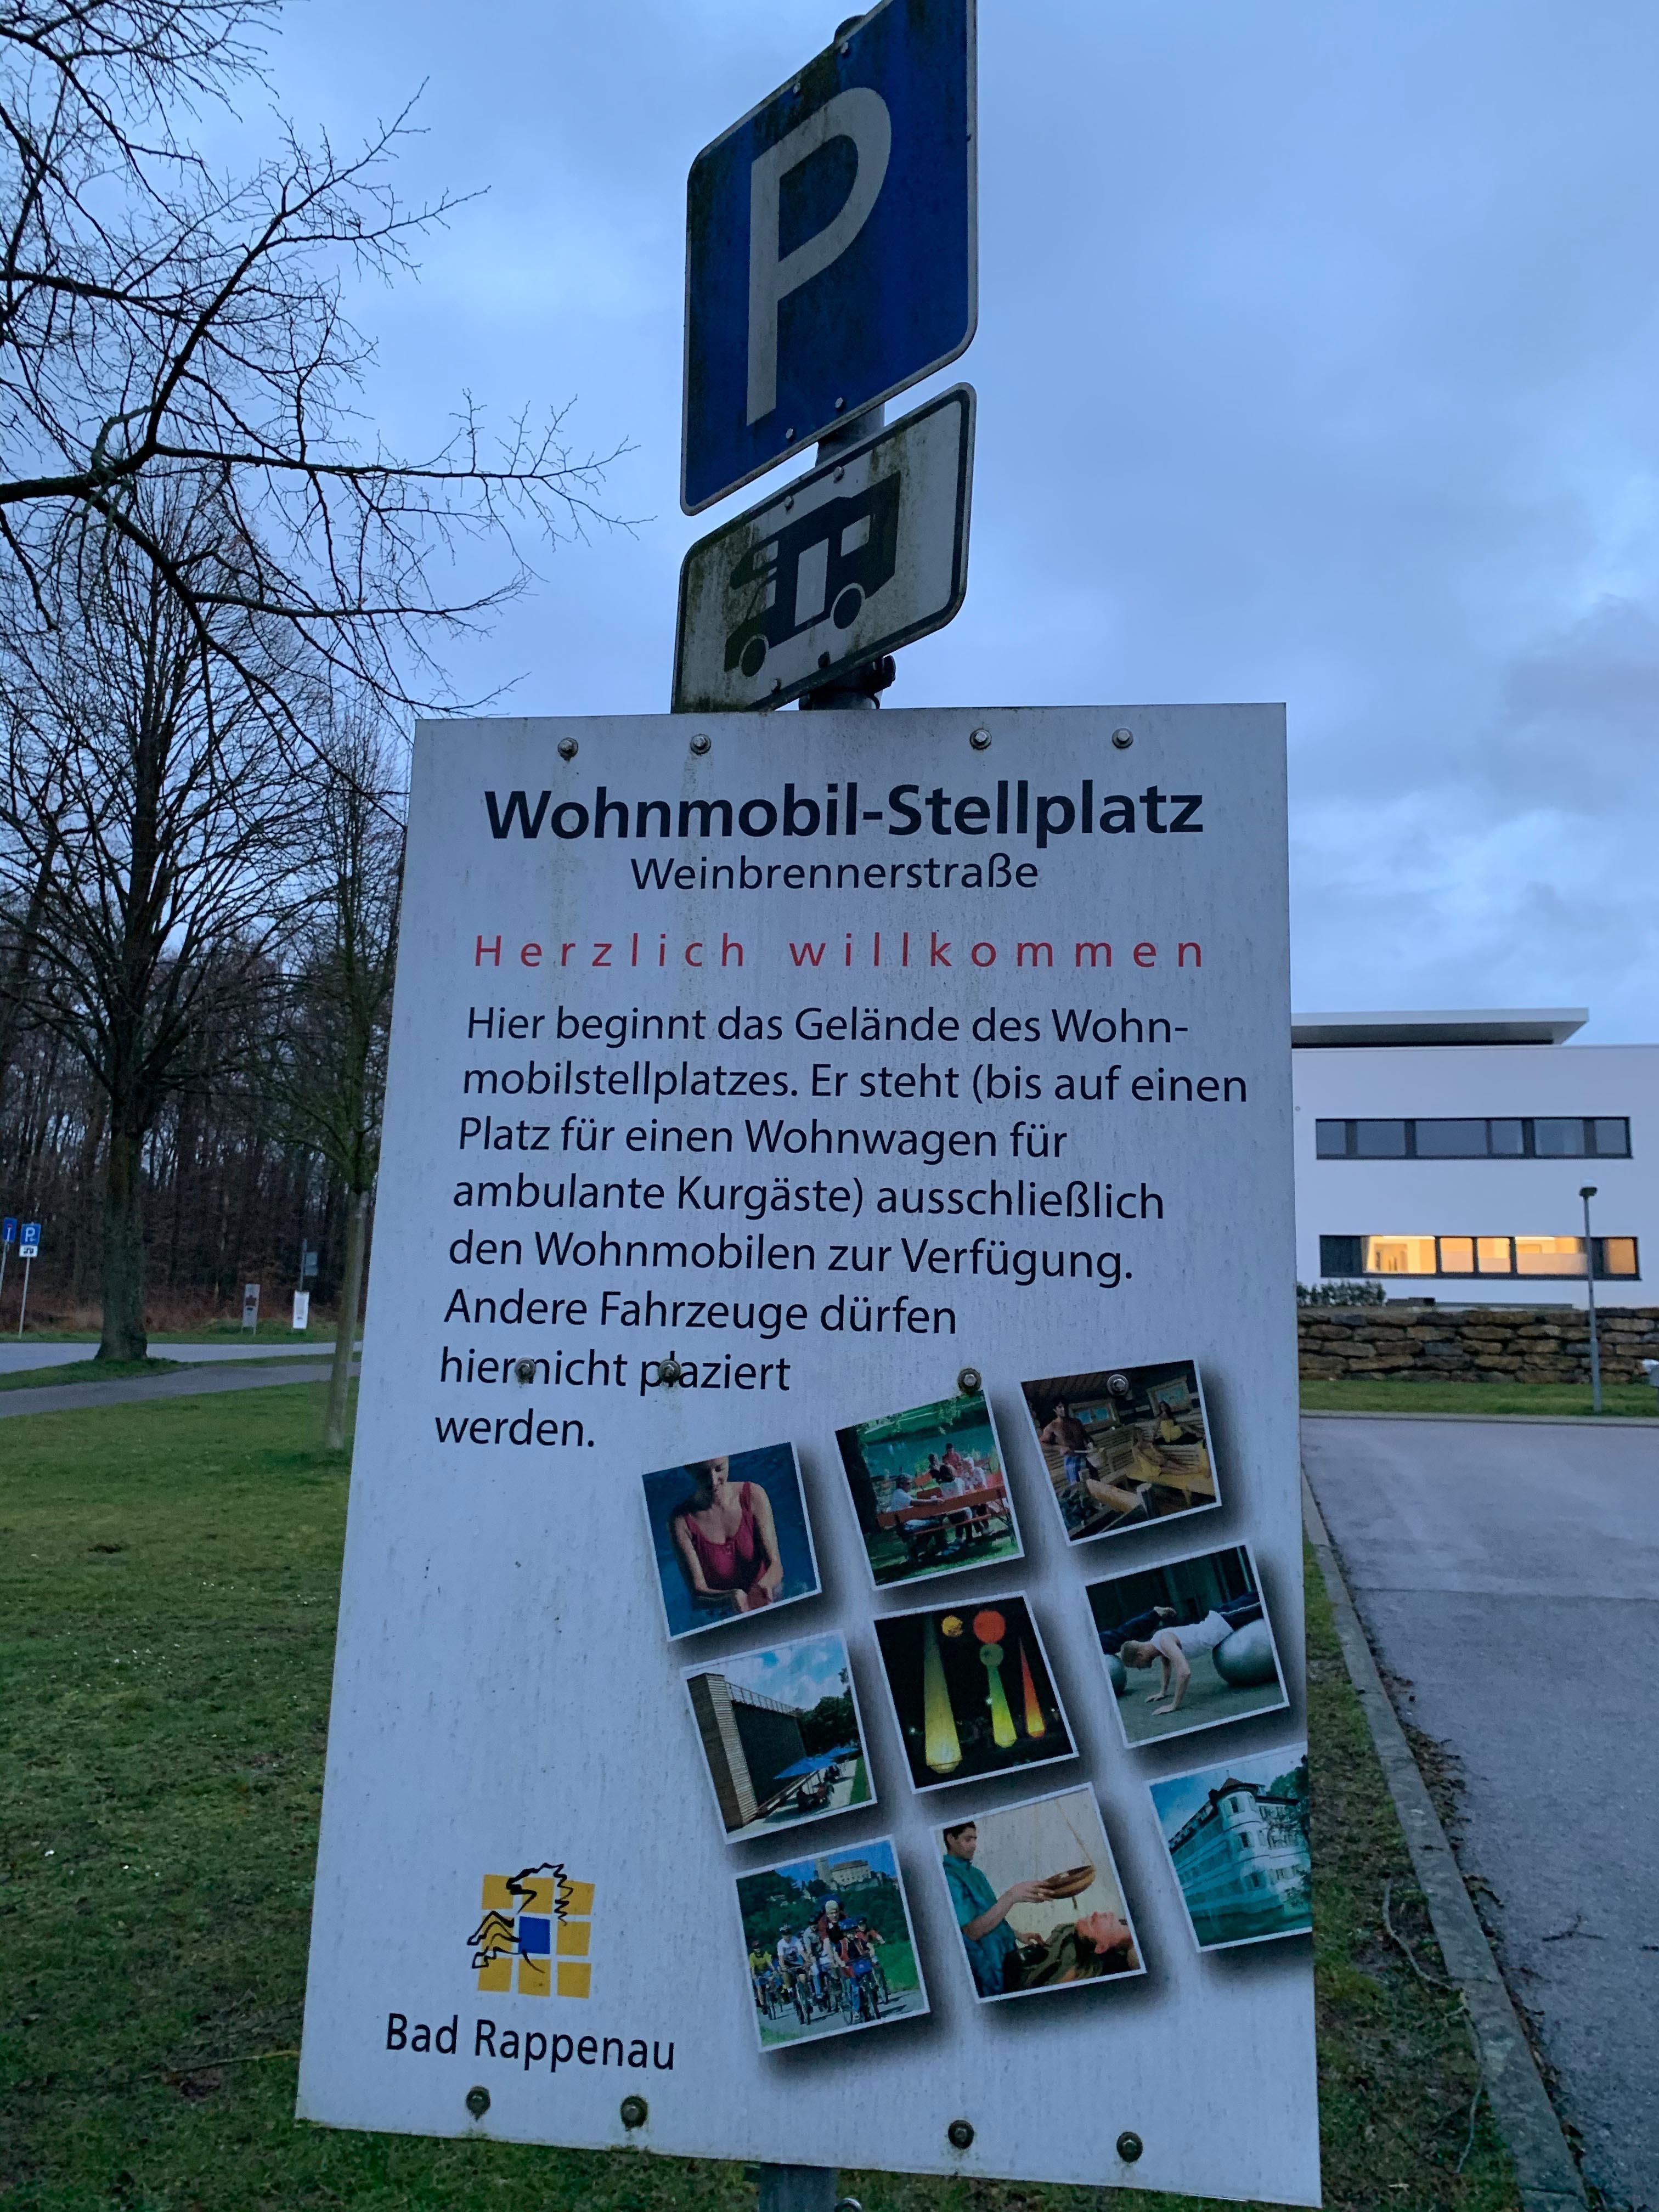 Wohnmobilstellplatz Salinenpark02